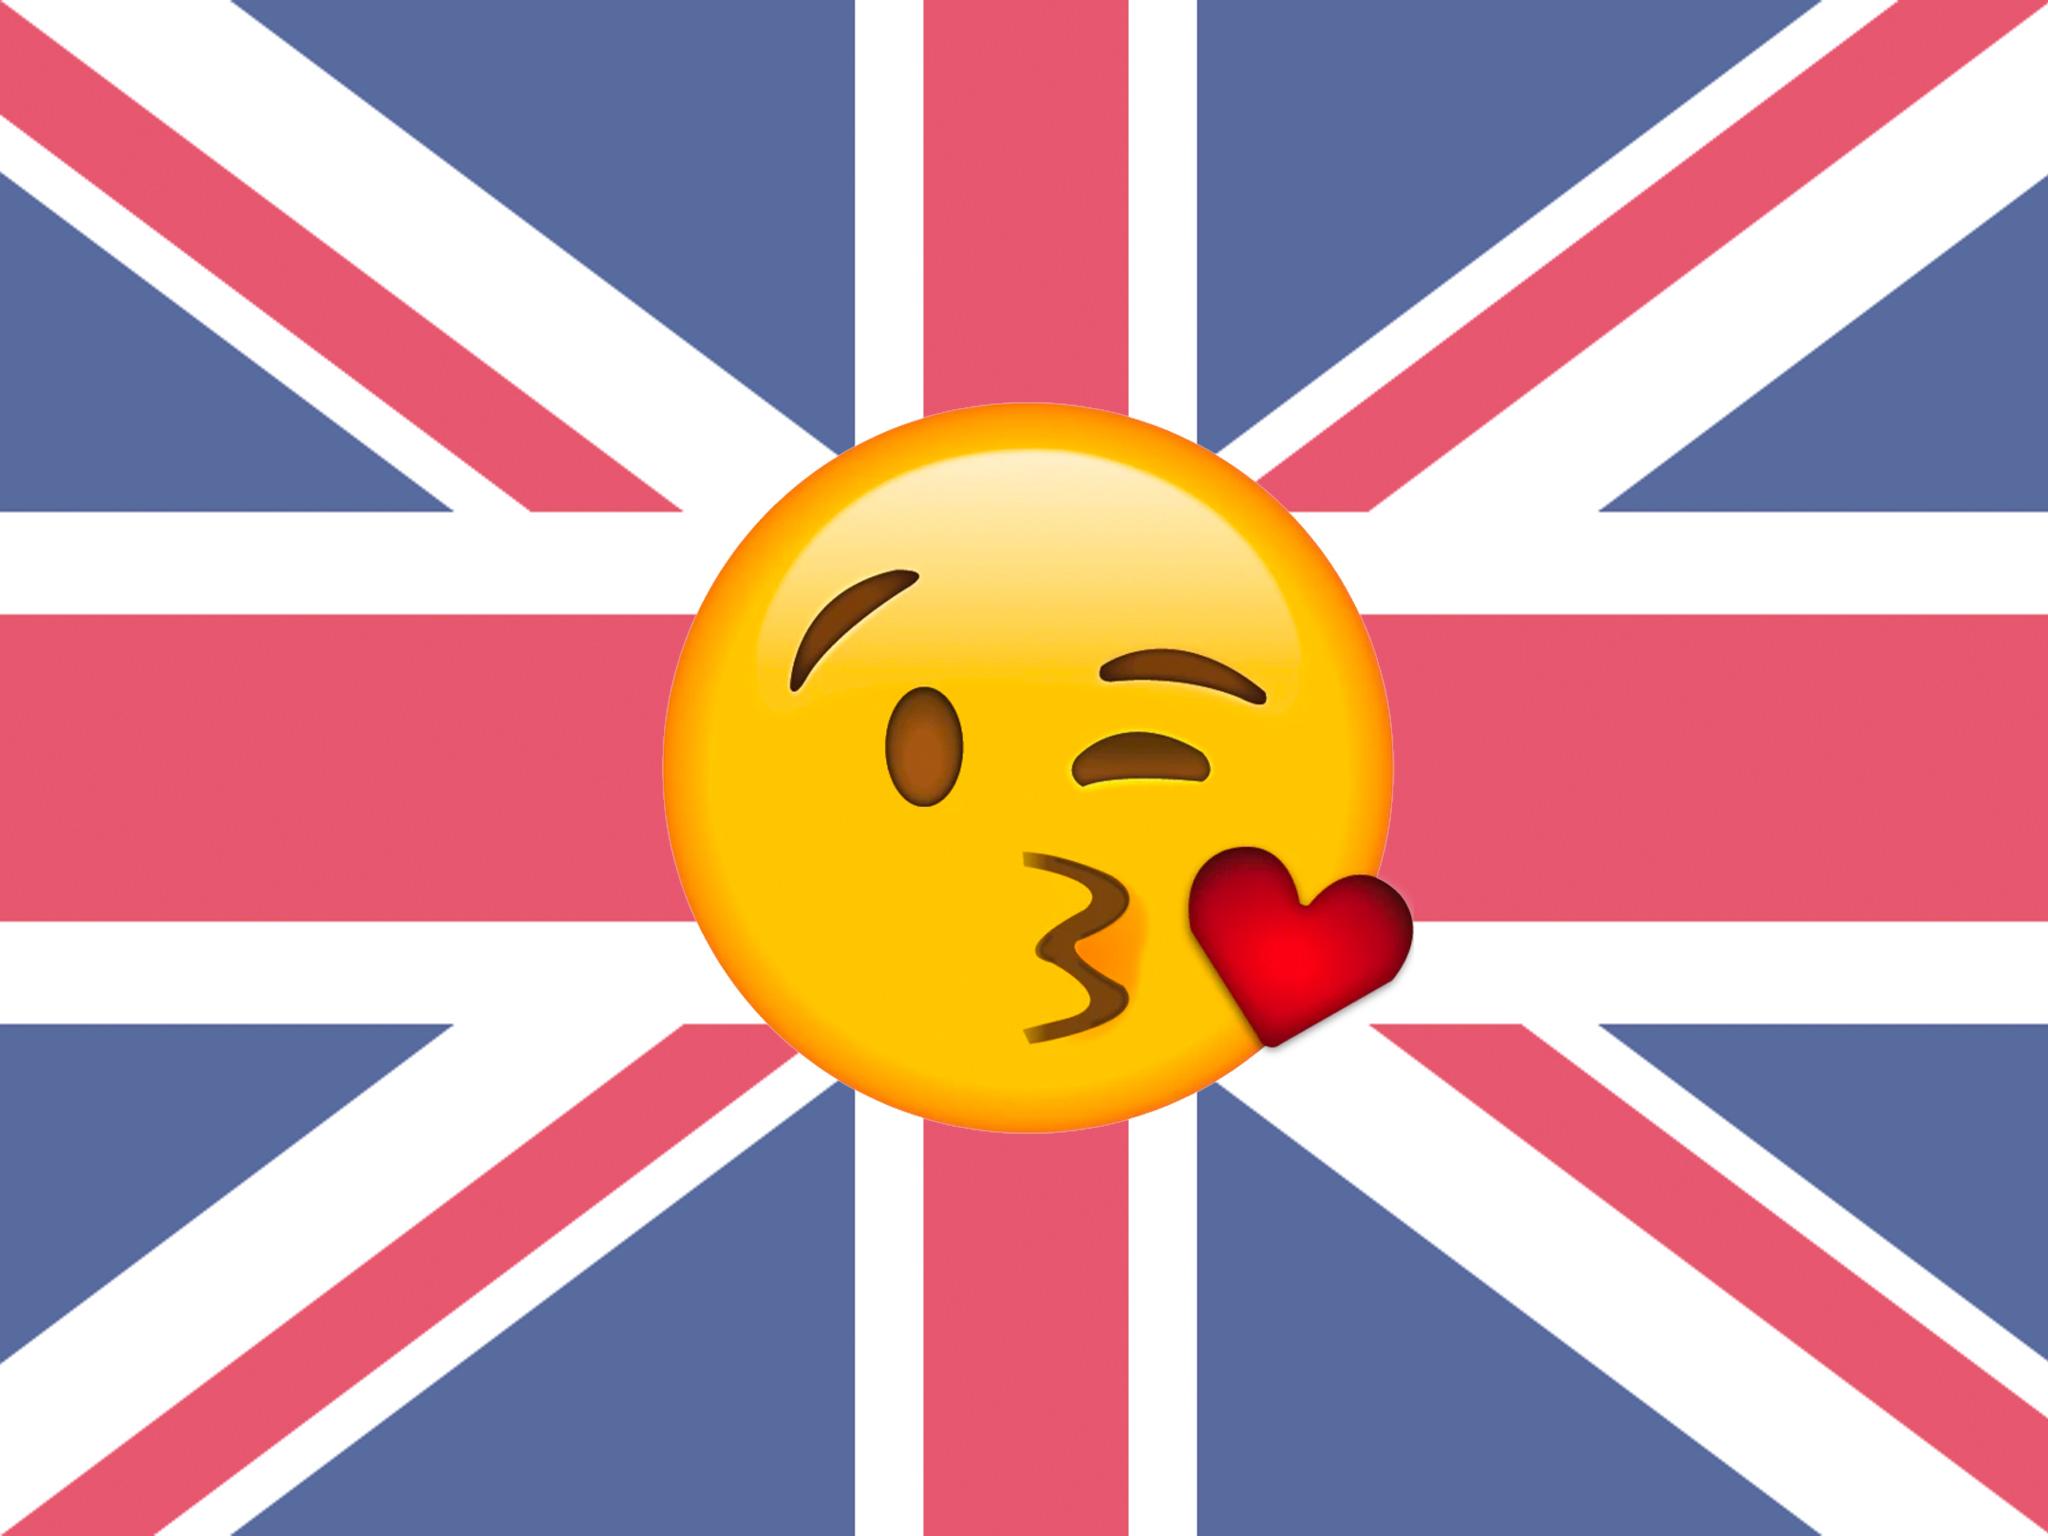 世界で最もアクセントがセクシーなのはイギリス英語